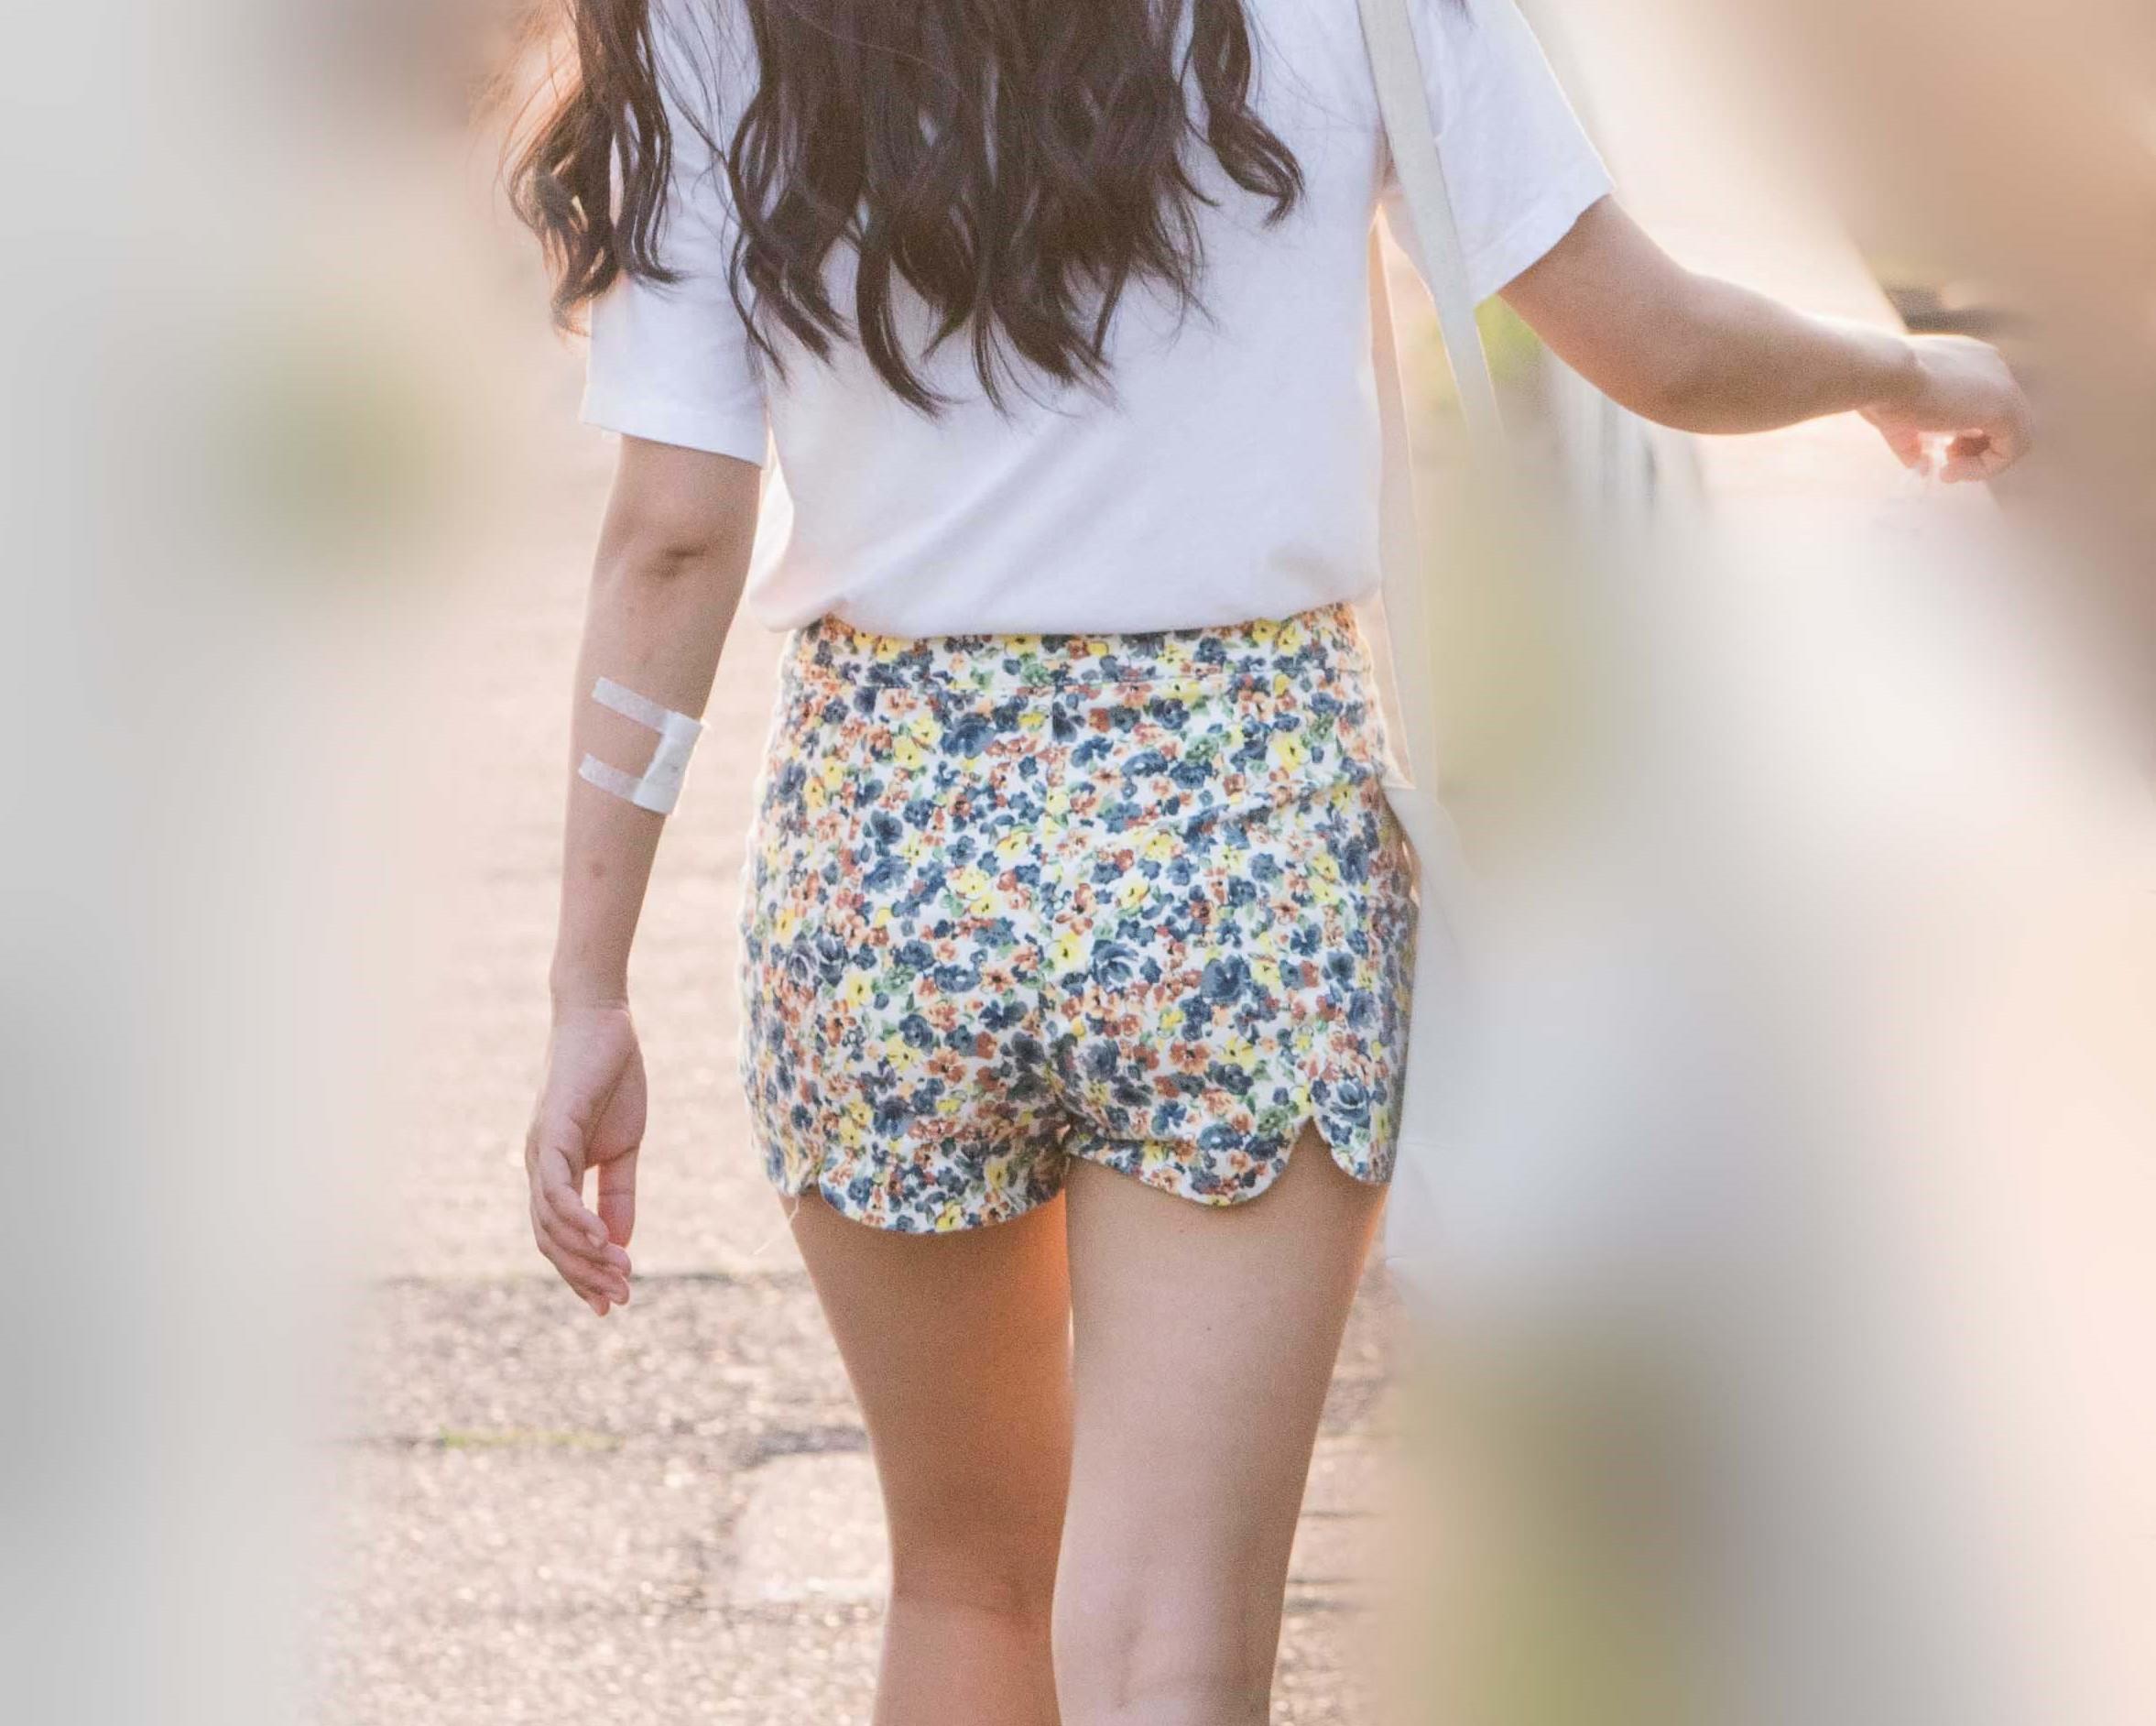 夏娘!スタイル上々!美脚生足のホットパンツがエロいお嬢さん!